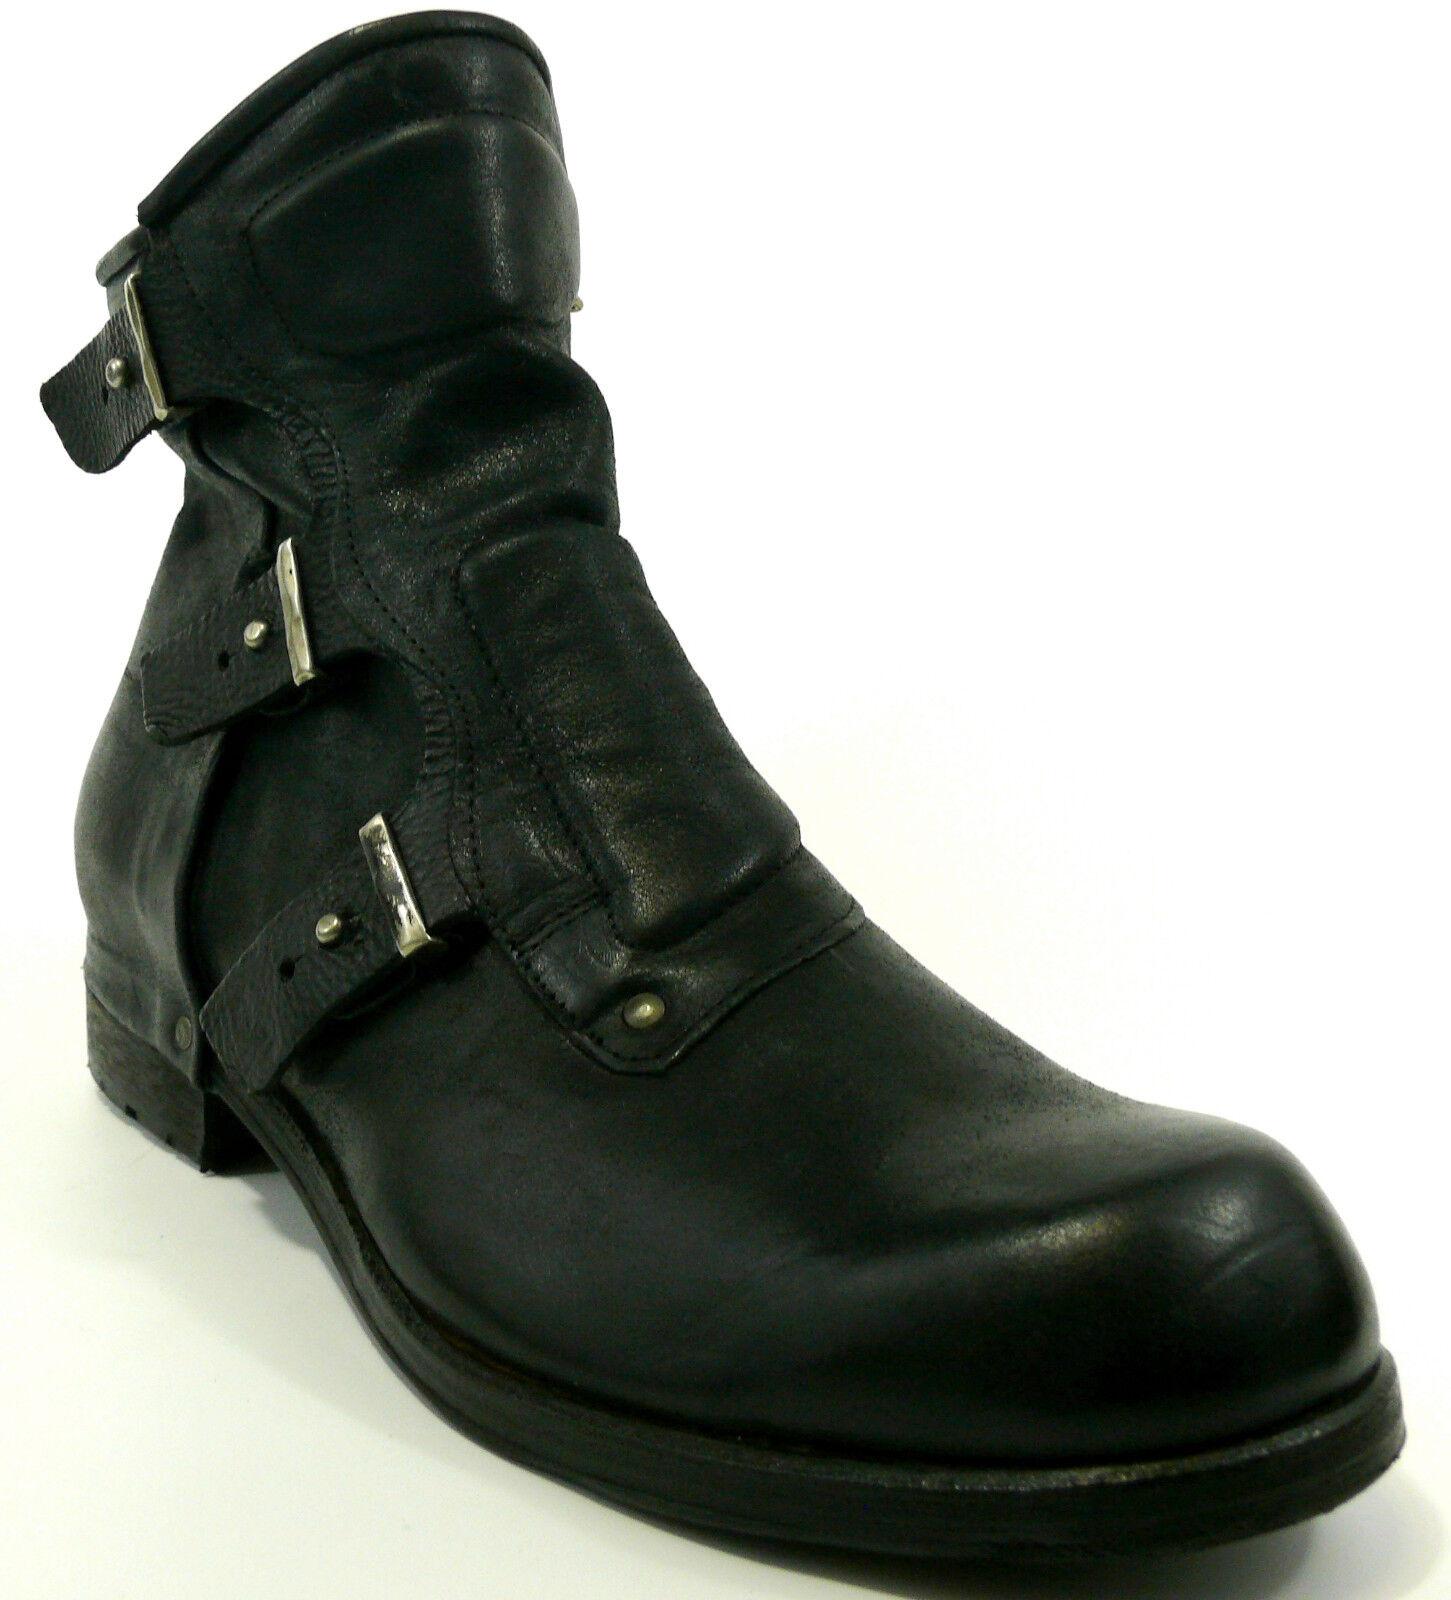 AIRSTEP A.S.98  Stiefel 46 LEDER Stiefel Schwarz Men Stiefelette Schuh NEU